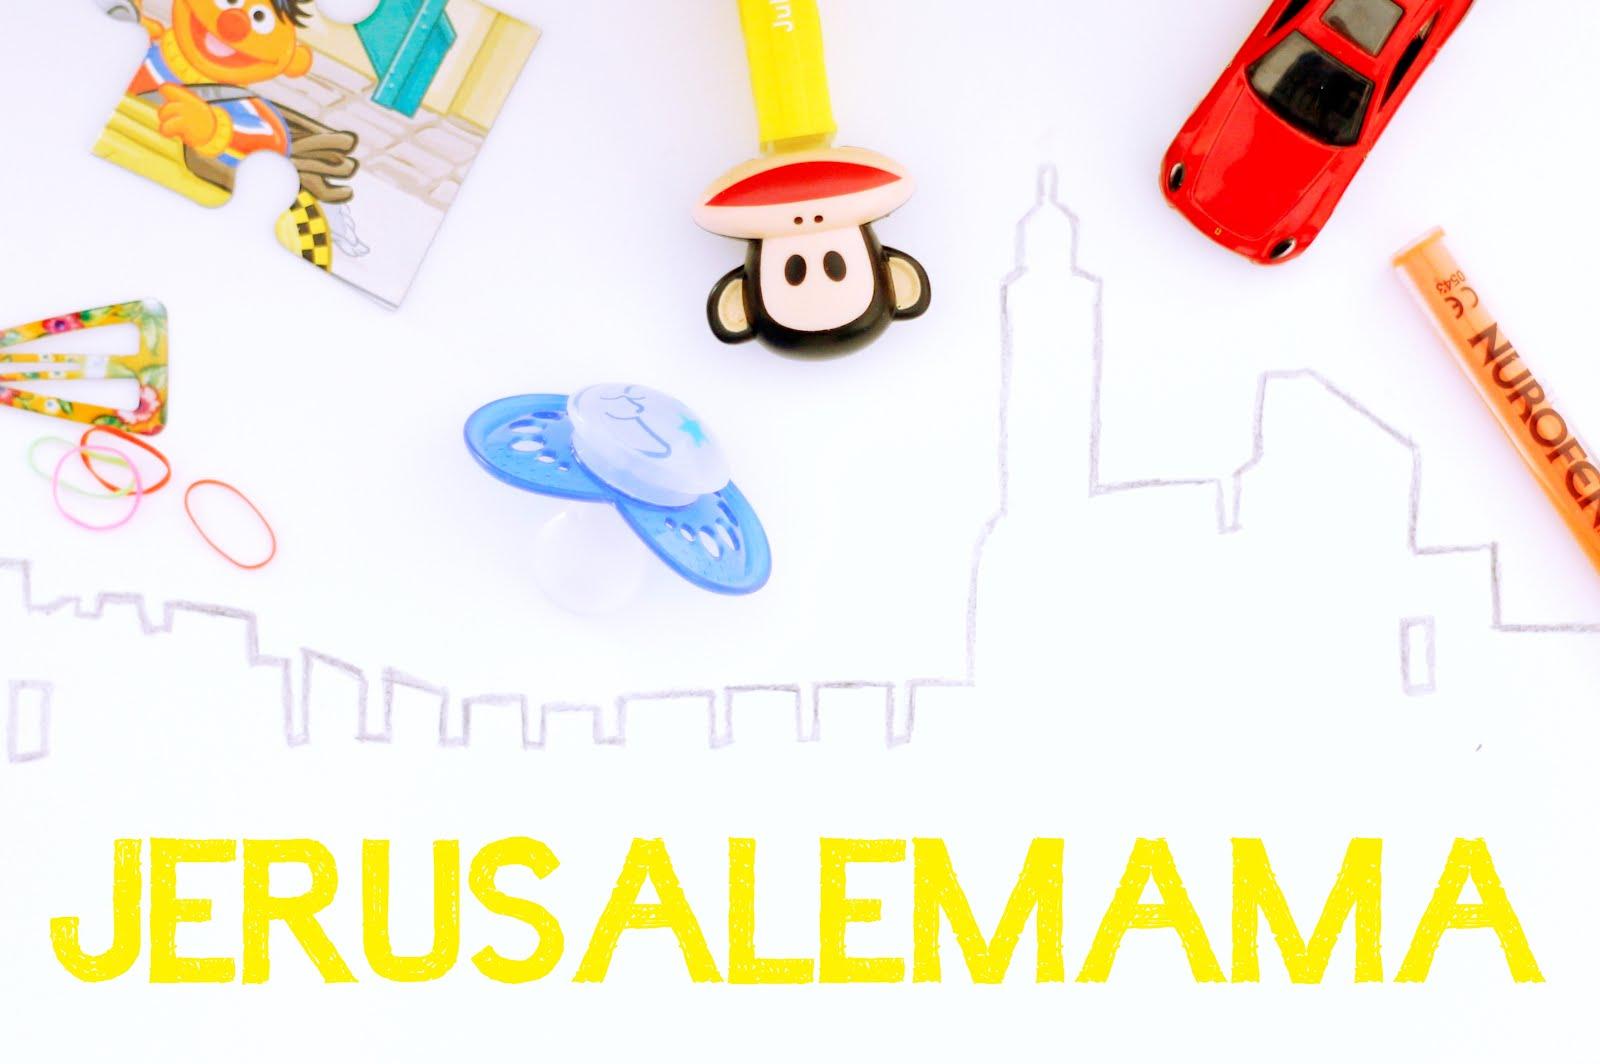 jerusalemama